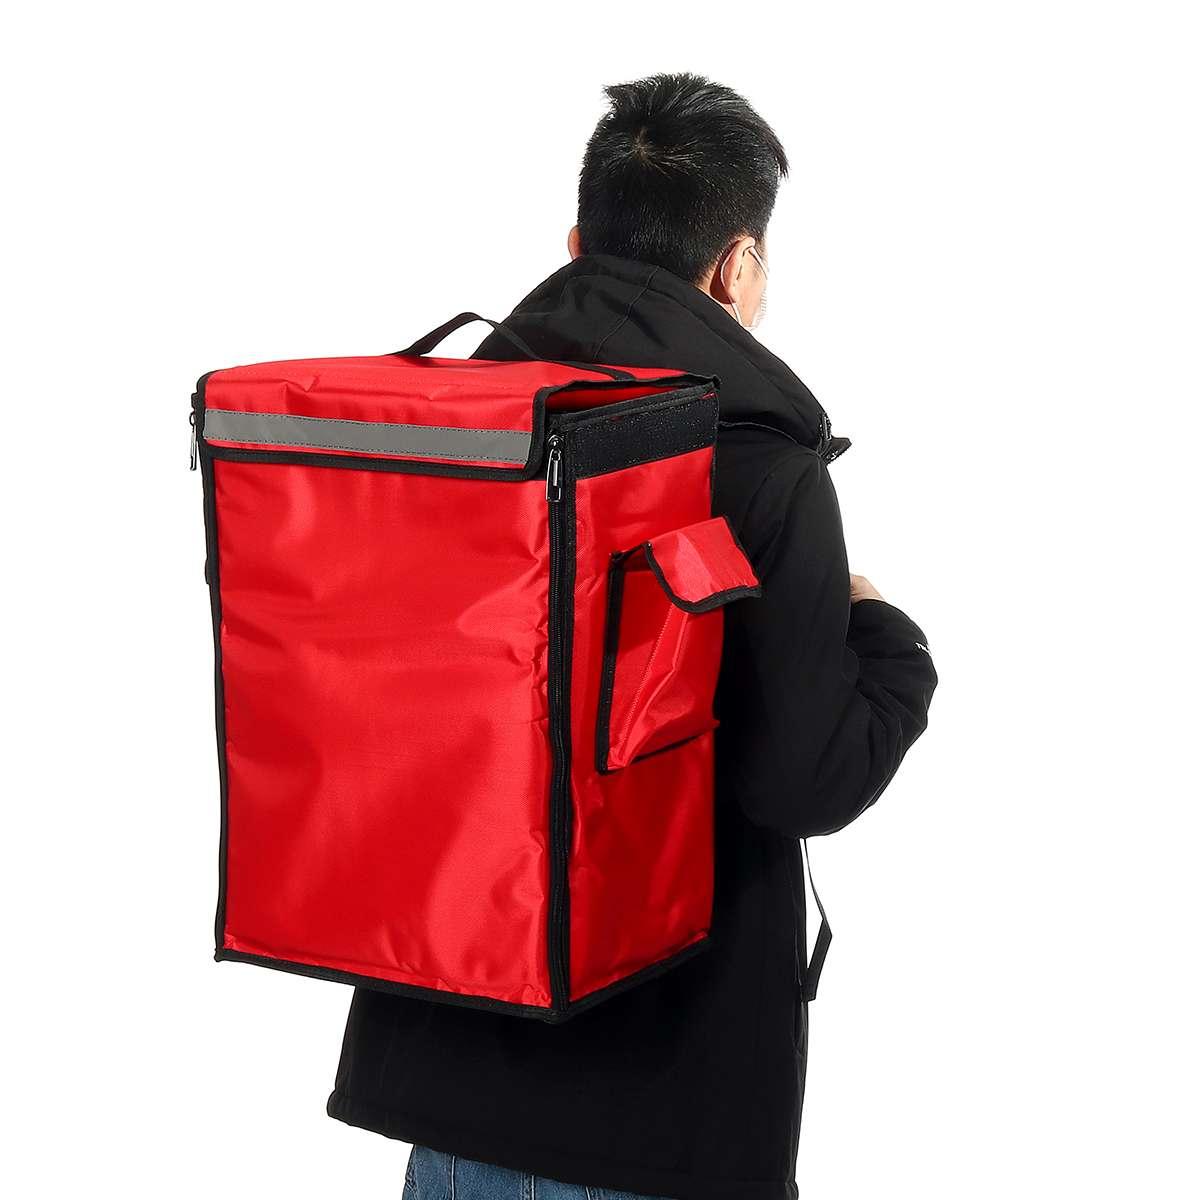 Sac isotherme pour Pizza, 42l, Portable, sac de livraison de nourriture, pique-nique, Scooter, sac à dos isotherme, sac isolant pliable